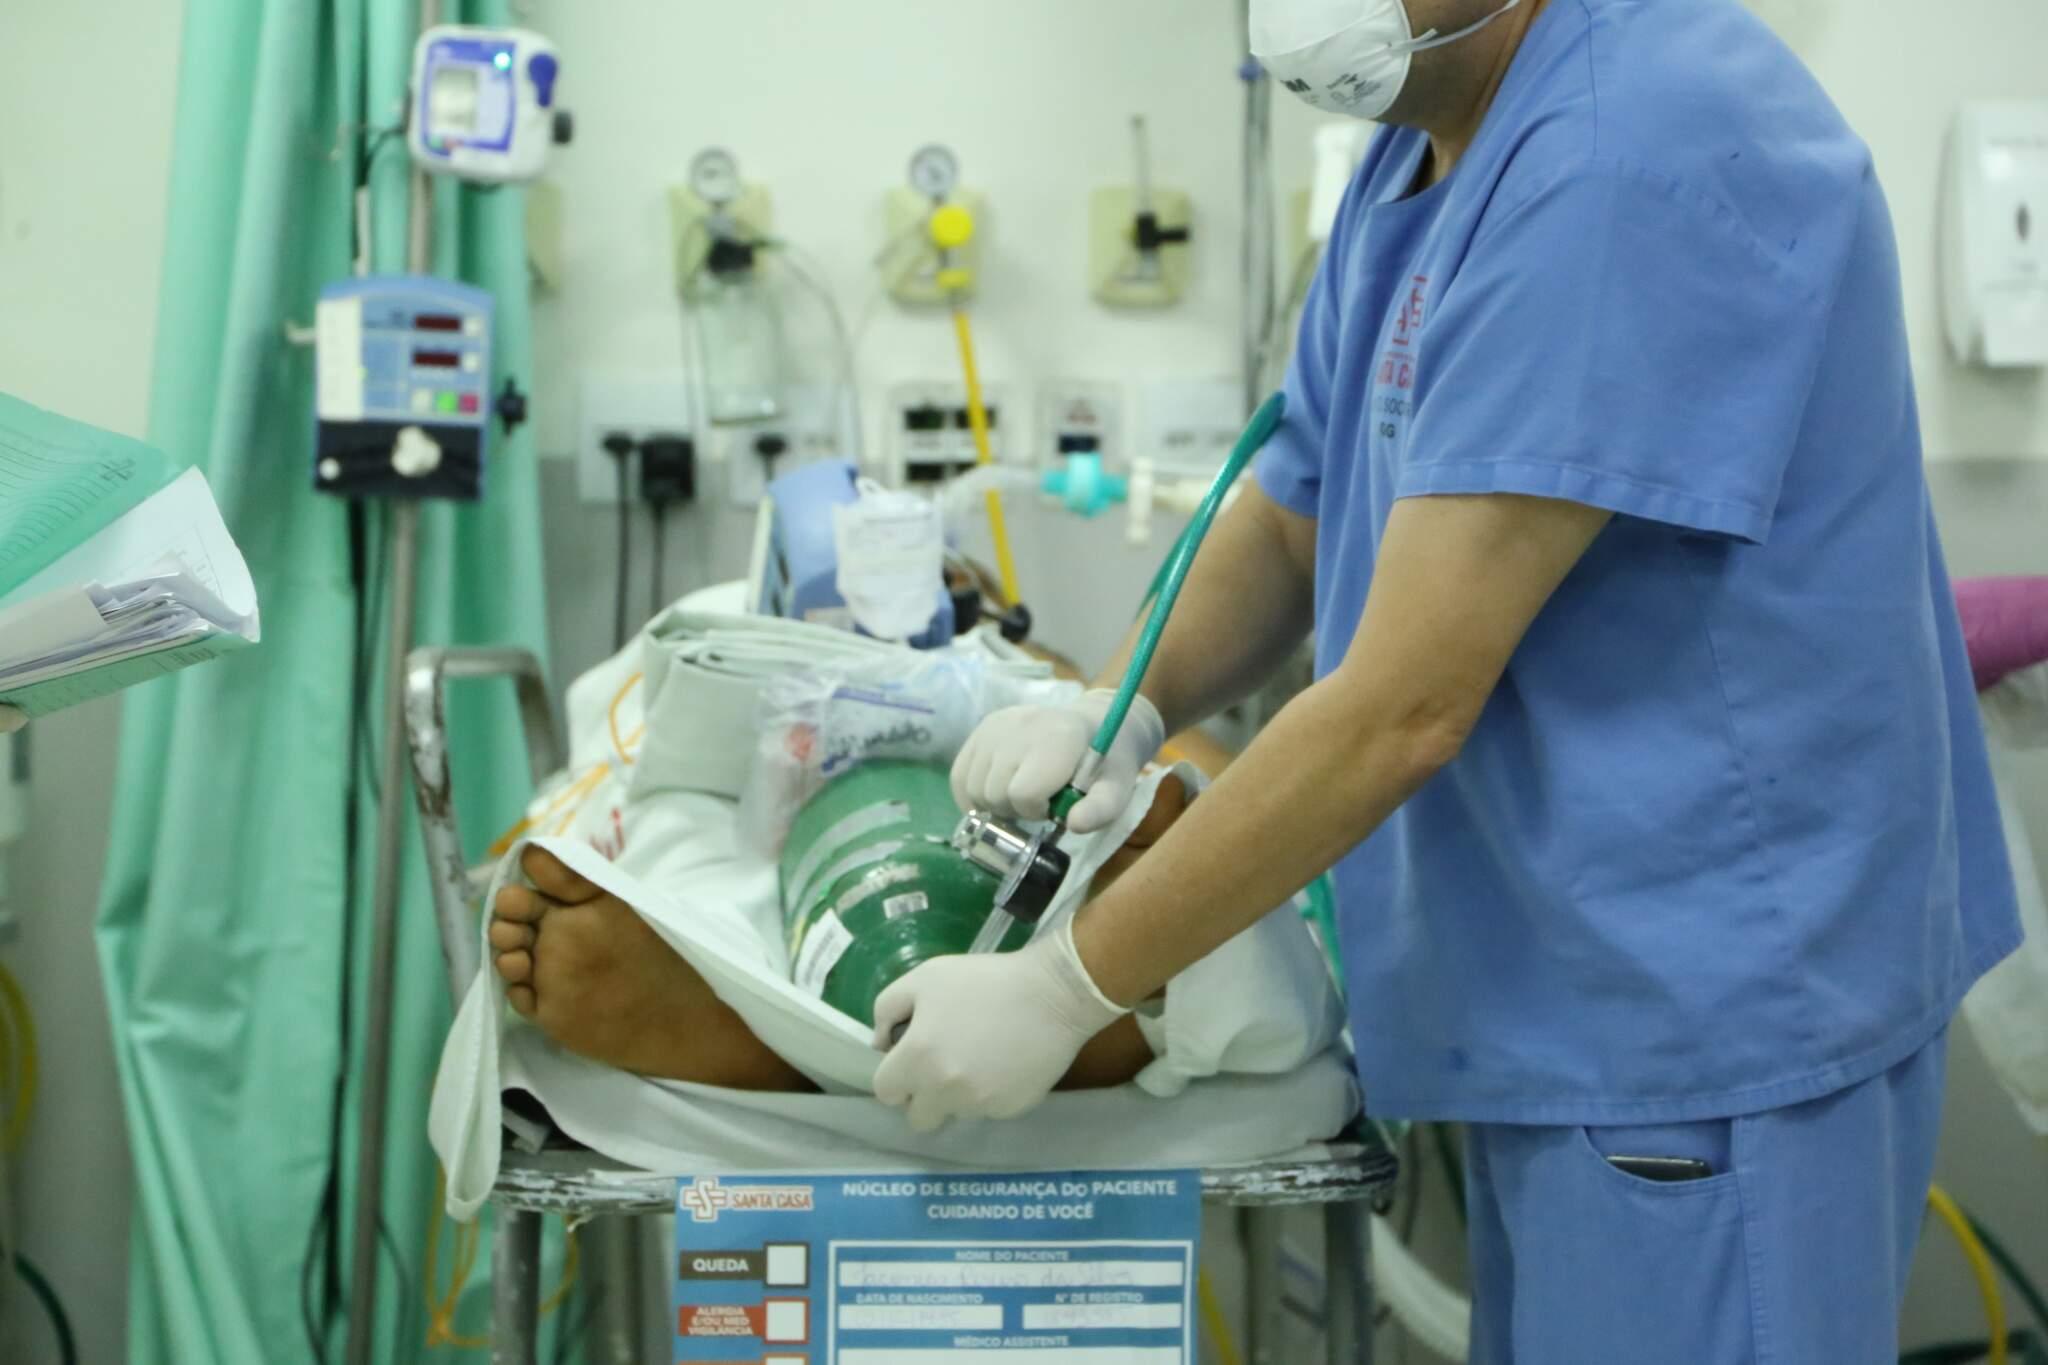 Paciente sendo preparado para transporte entre áreas. (Foto: Kísie Ainoã)